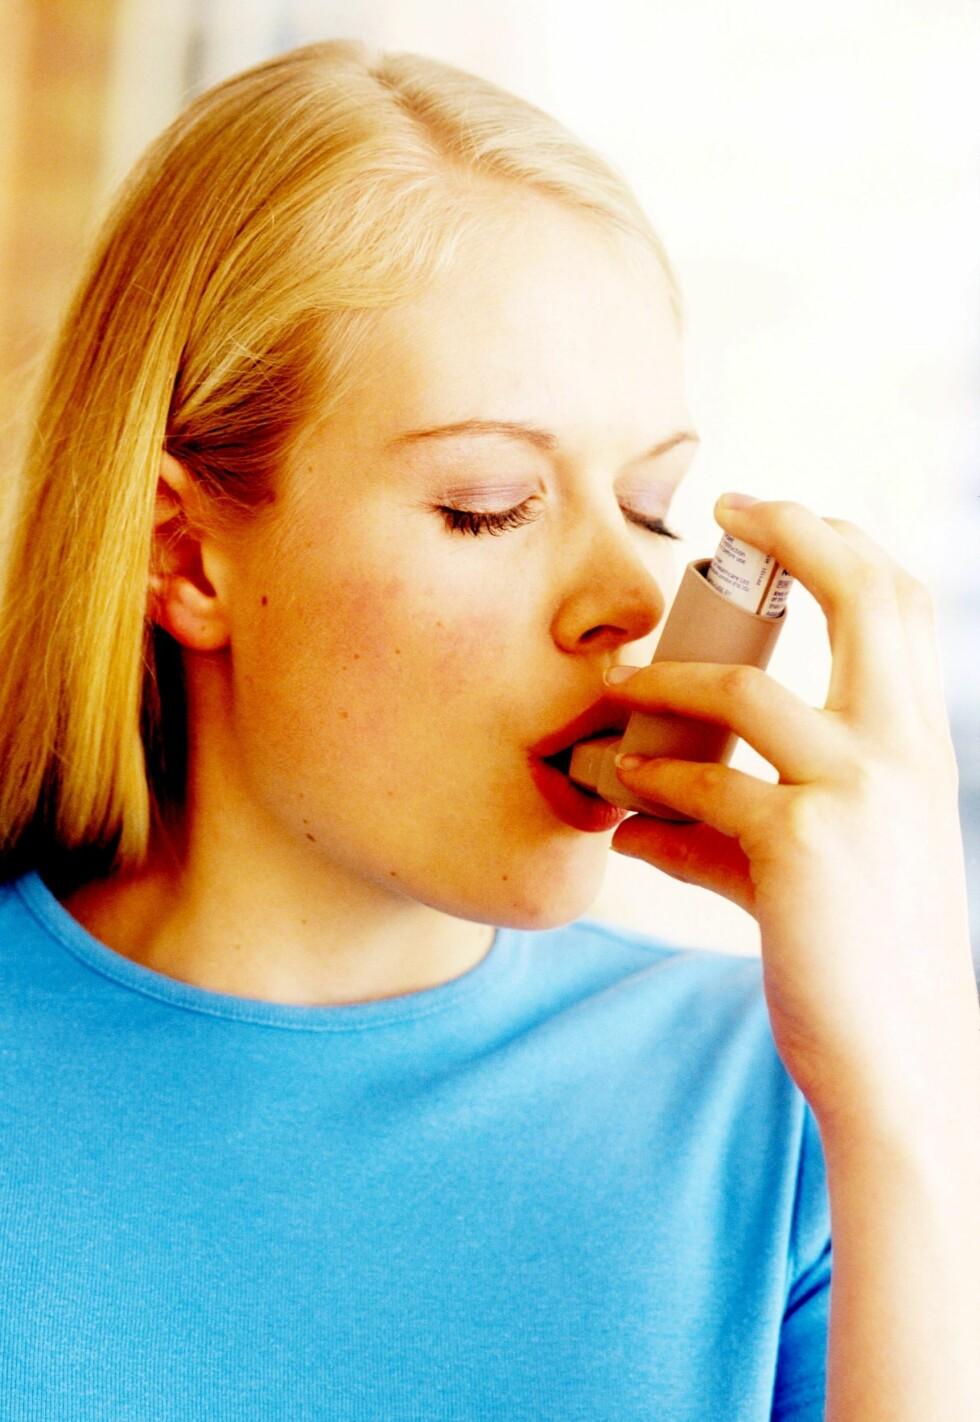 Test astmaen på nettet